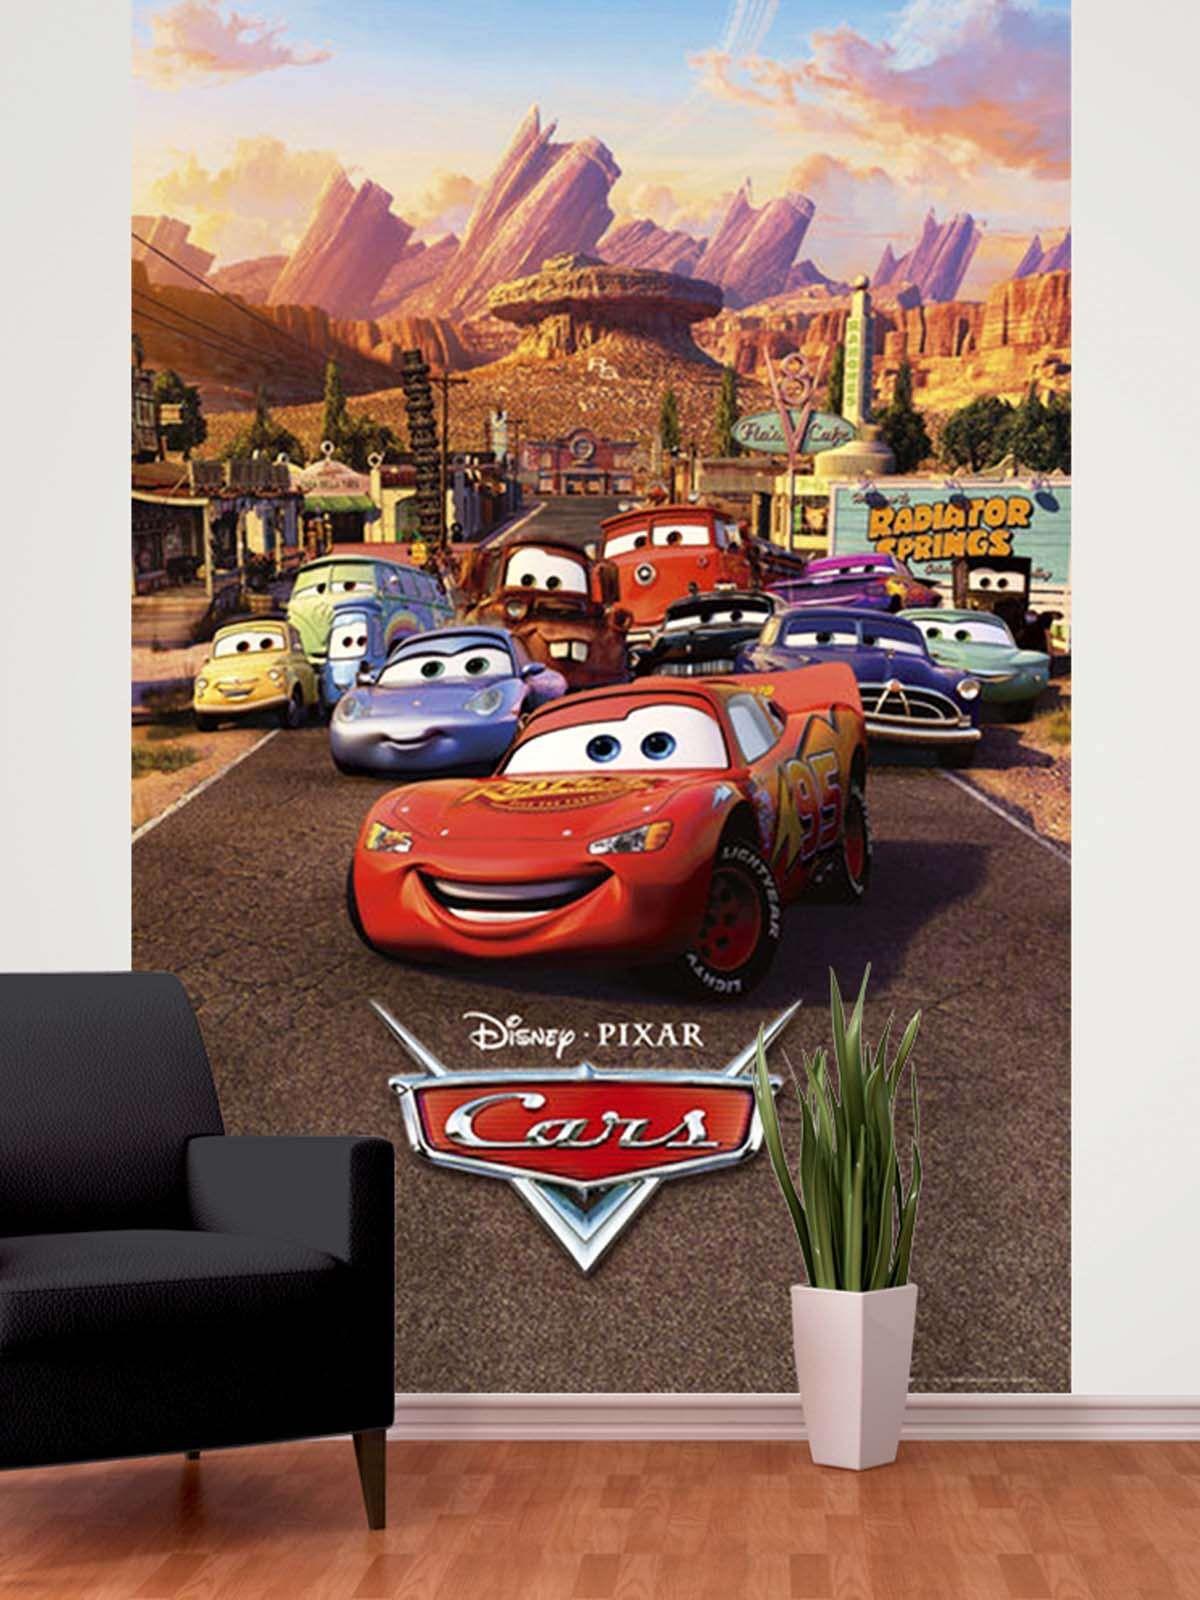 Disney Cars Easy Hang Wallpaper Mural Cars Mural Disney Cars Disney Pixar Cars [ 1600 x 1200 Pixel ]